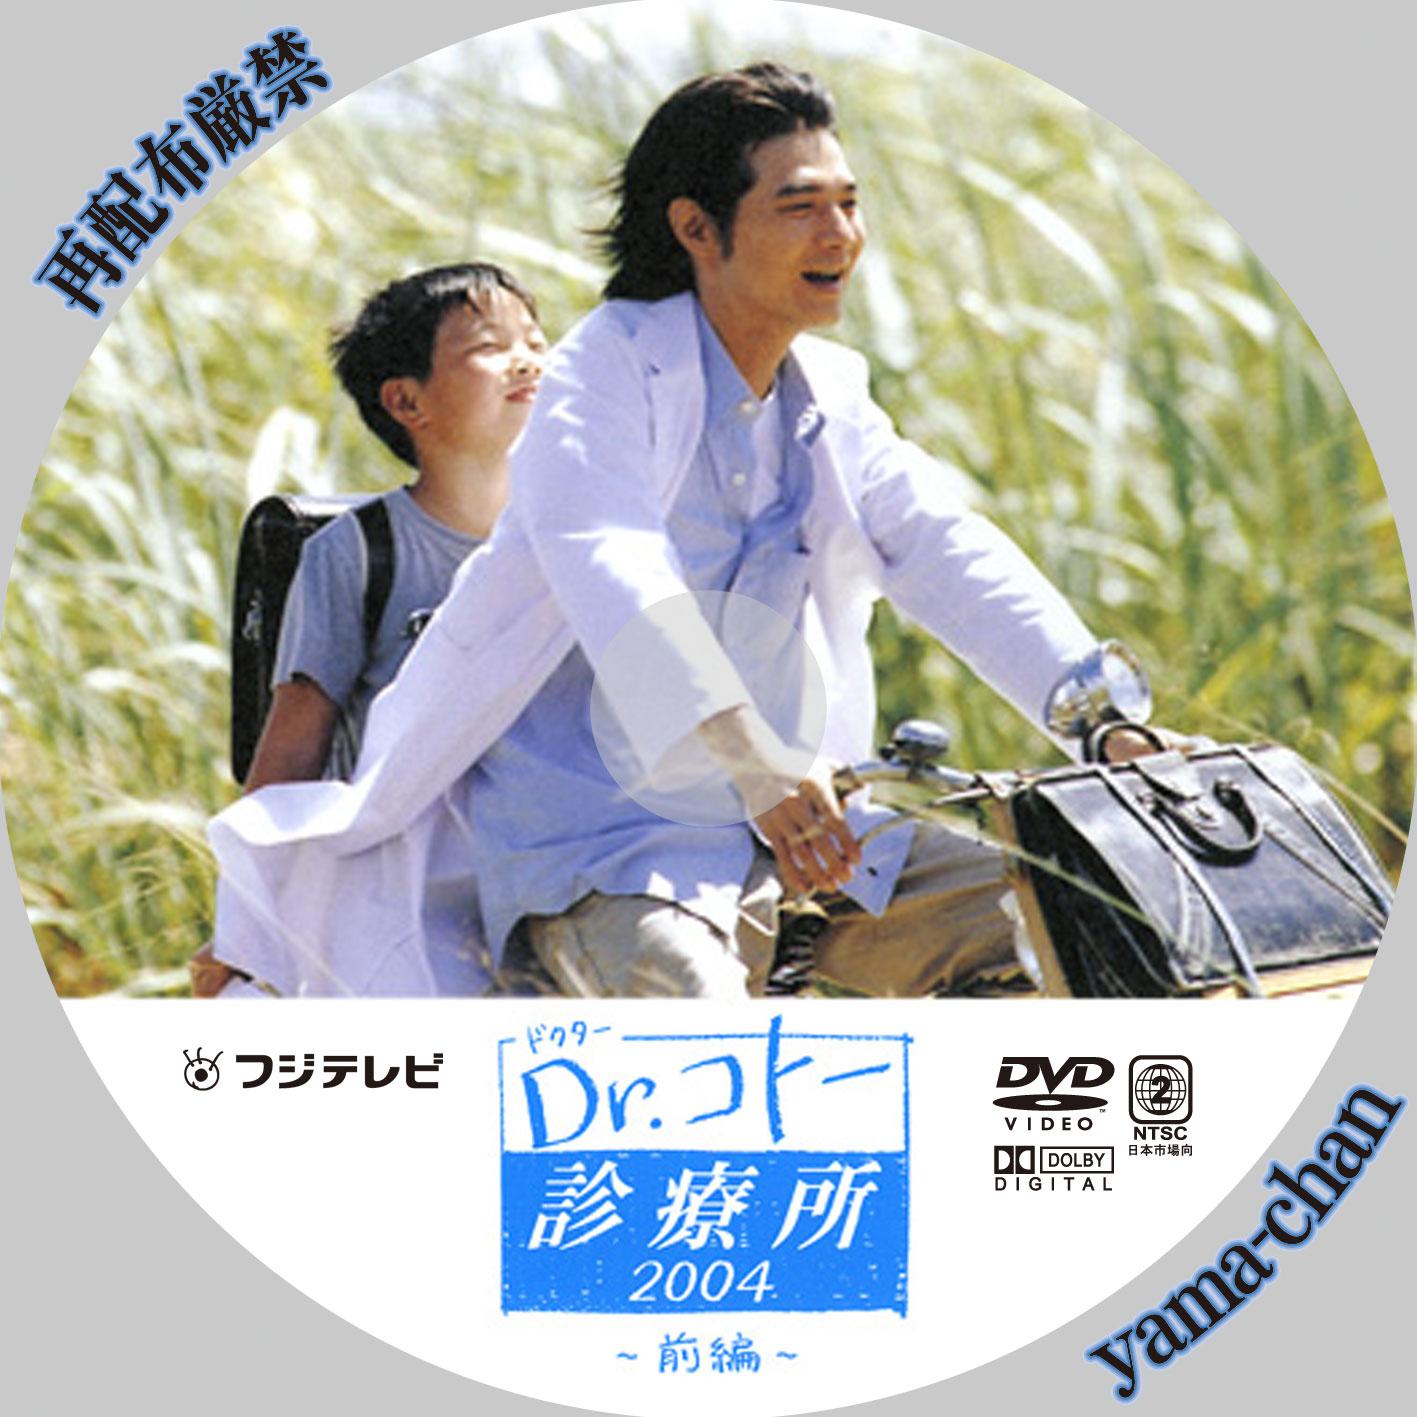 Dr.コトー診療所 2006 スペシャルエディション DVDBOX フジ